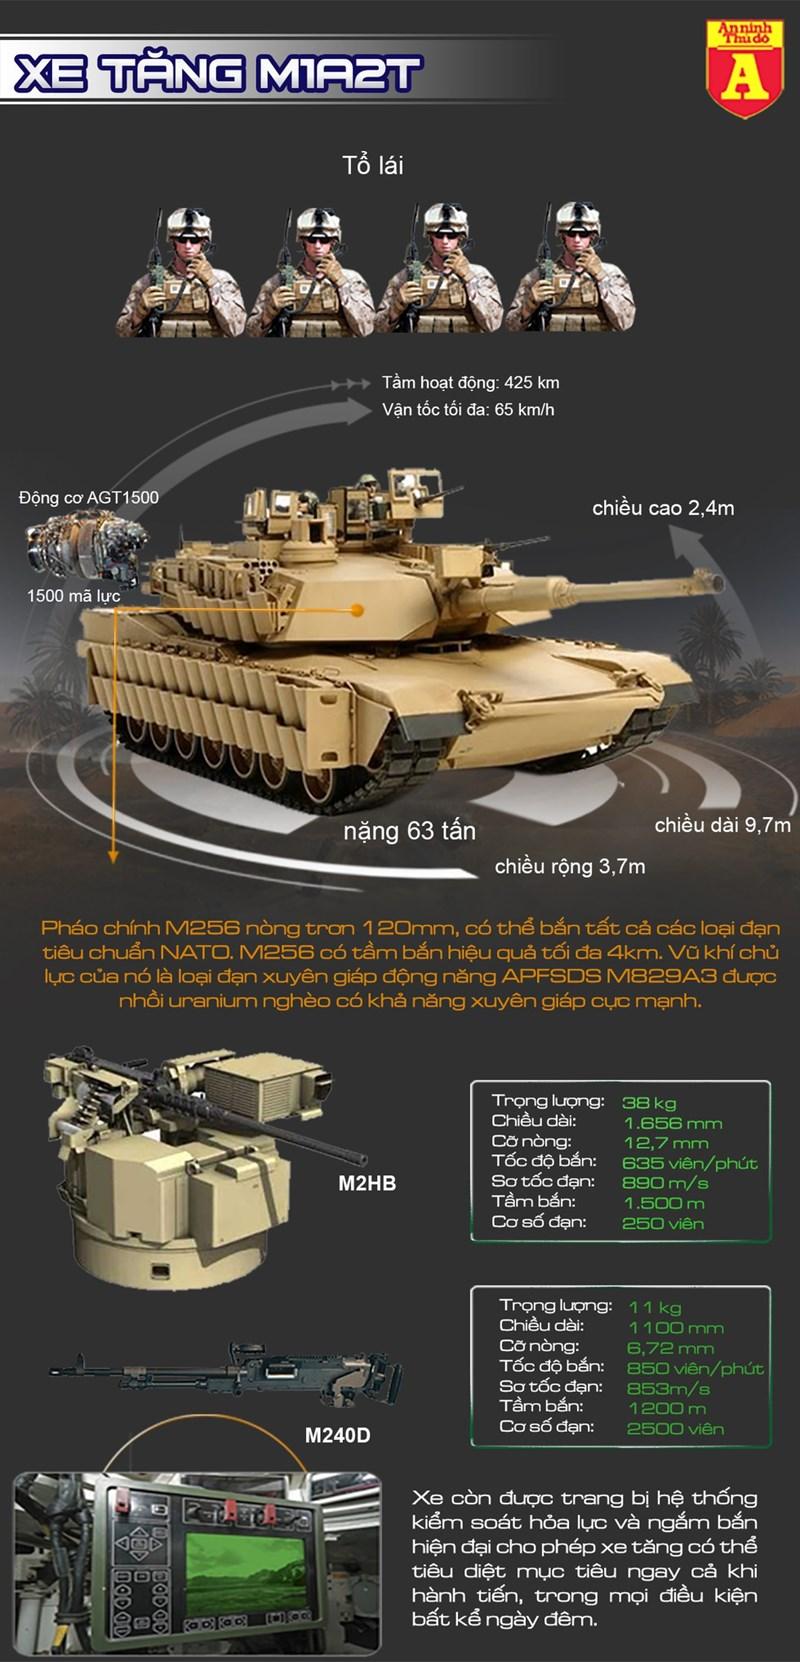 [Infographics] Hé lộ thời điểm Đài Loan nhận siêu tăng Mỹ - Ảnh 1